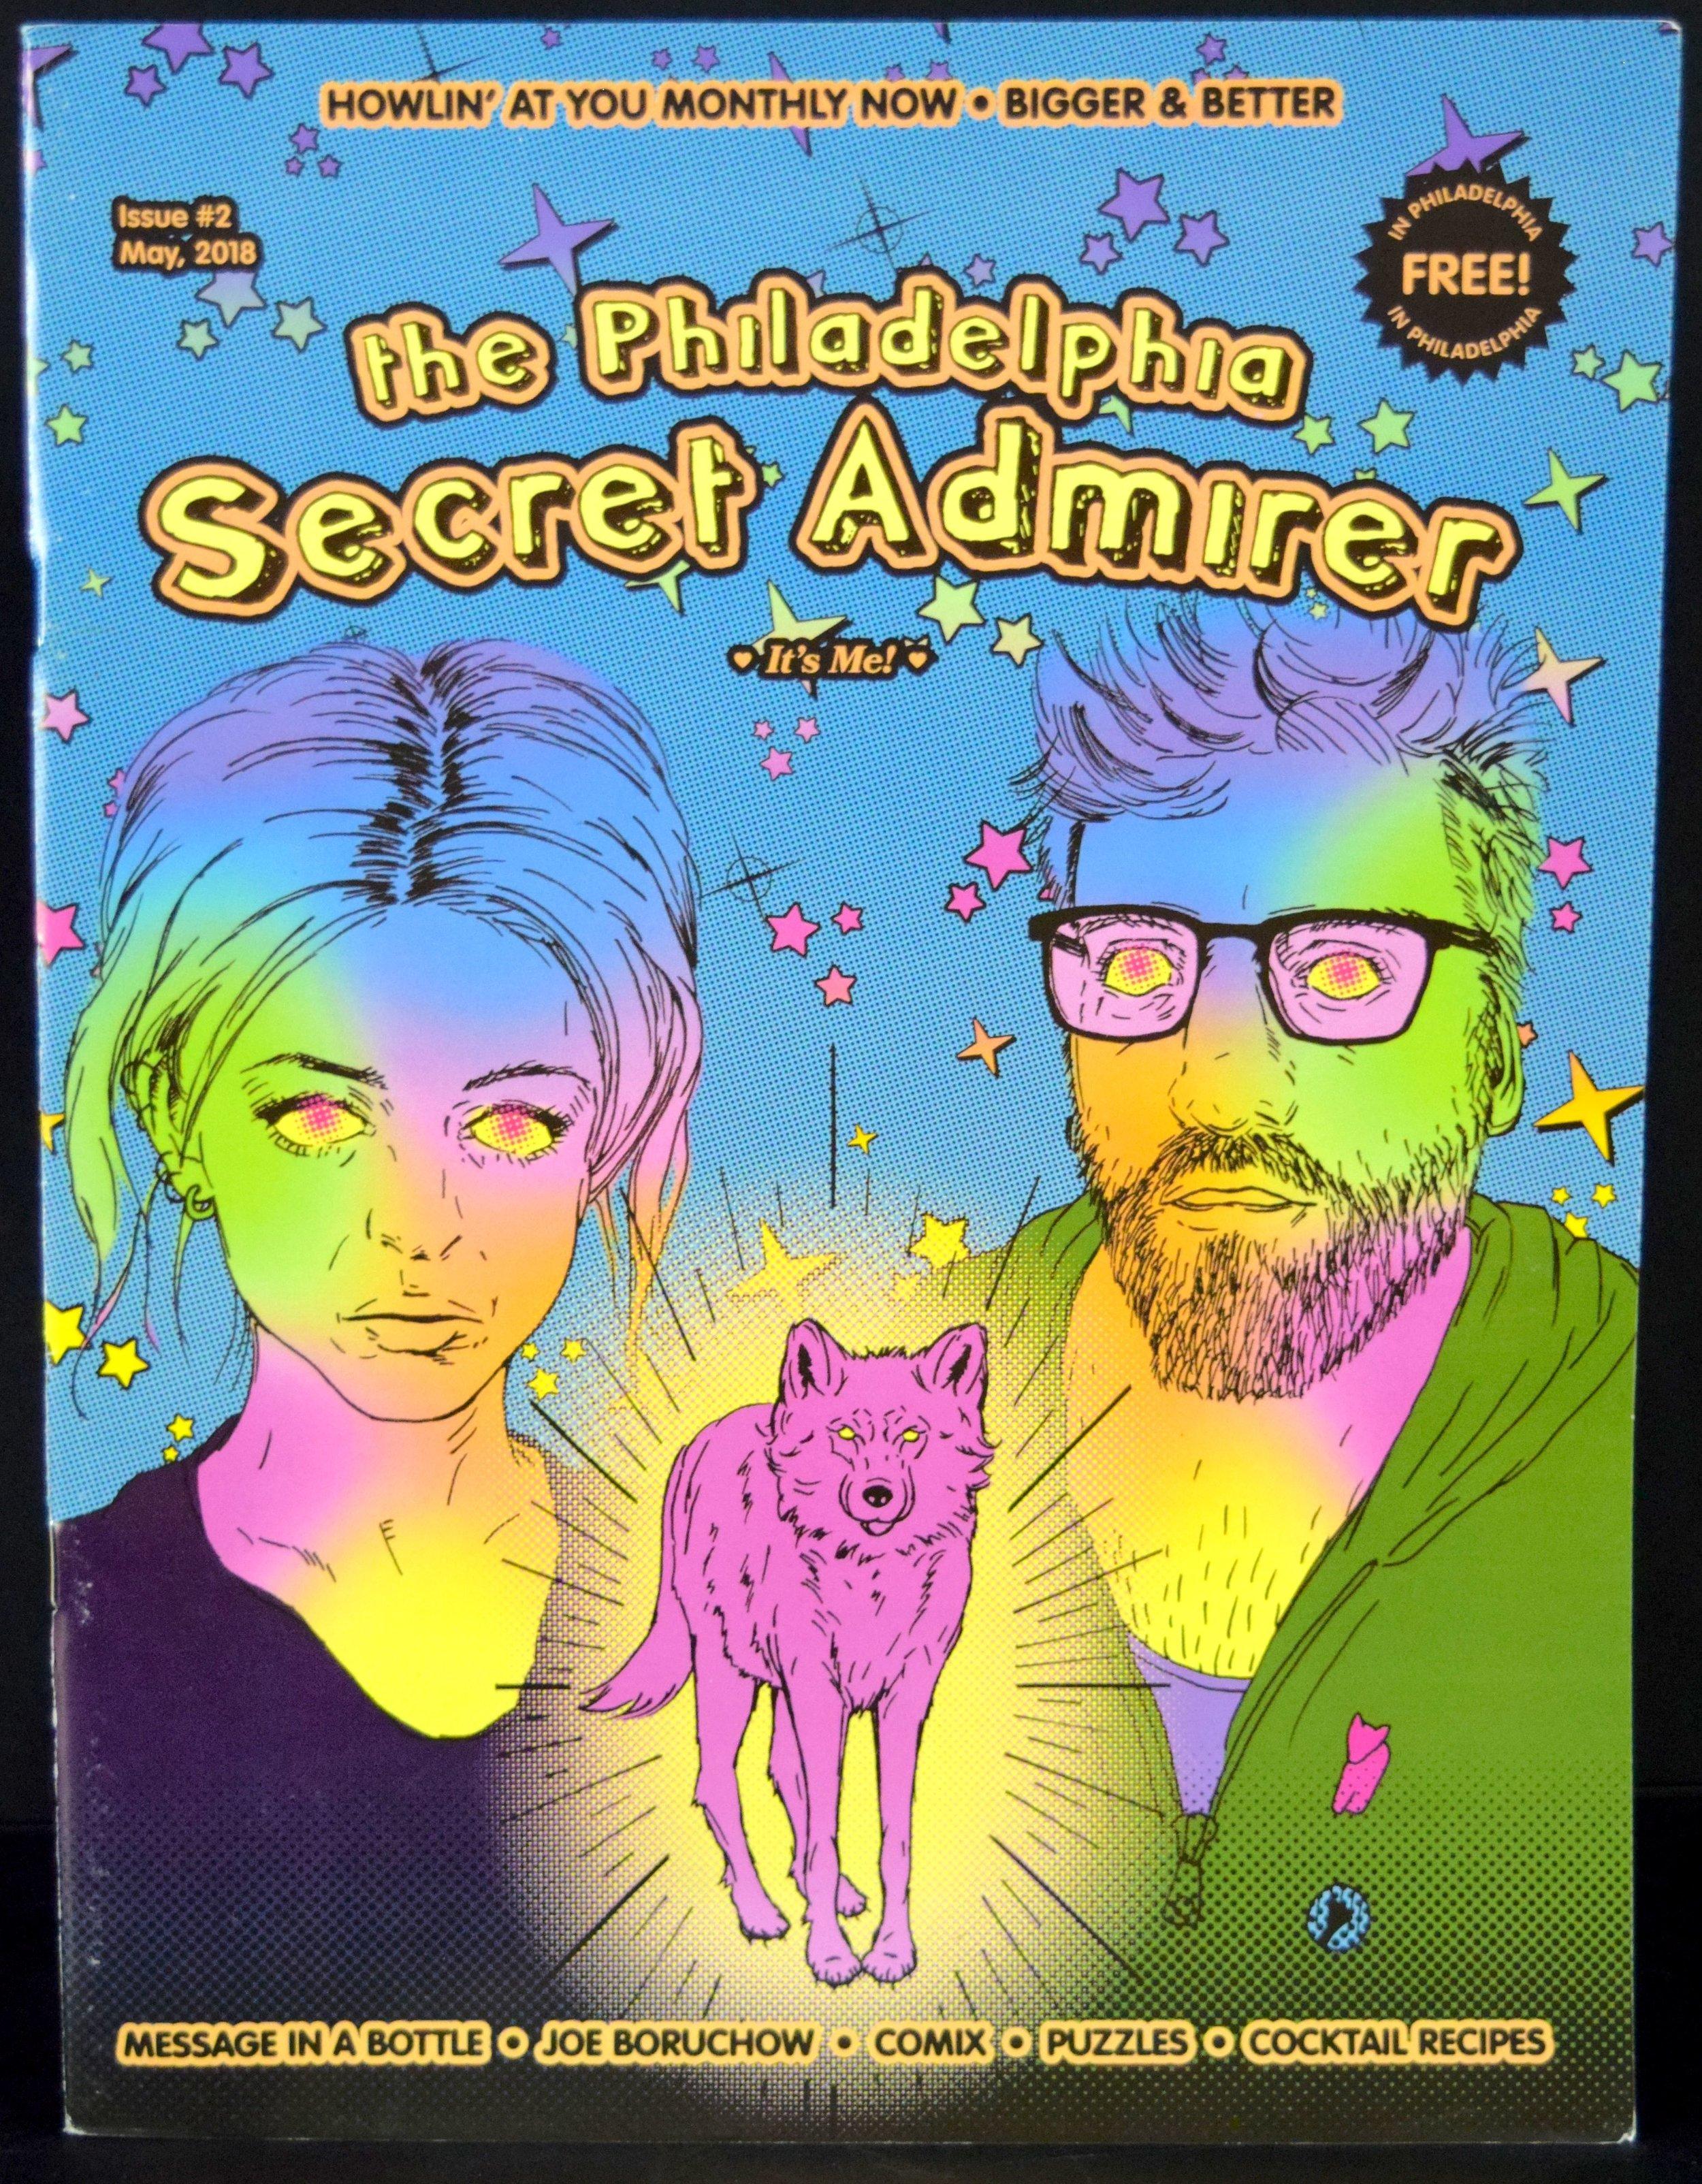 The Philadelphia Secret Admirer #2, cover by Rachel Pfeffer .